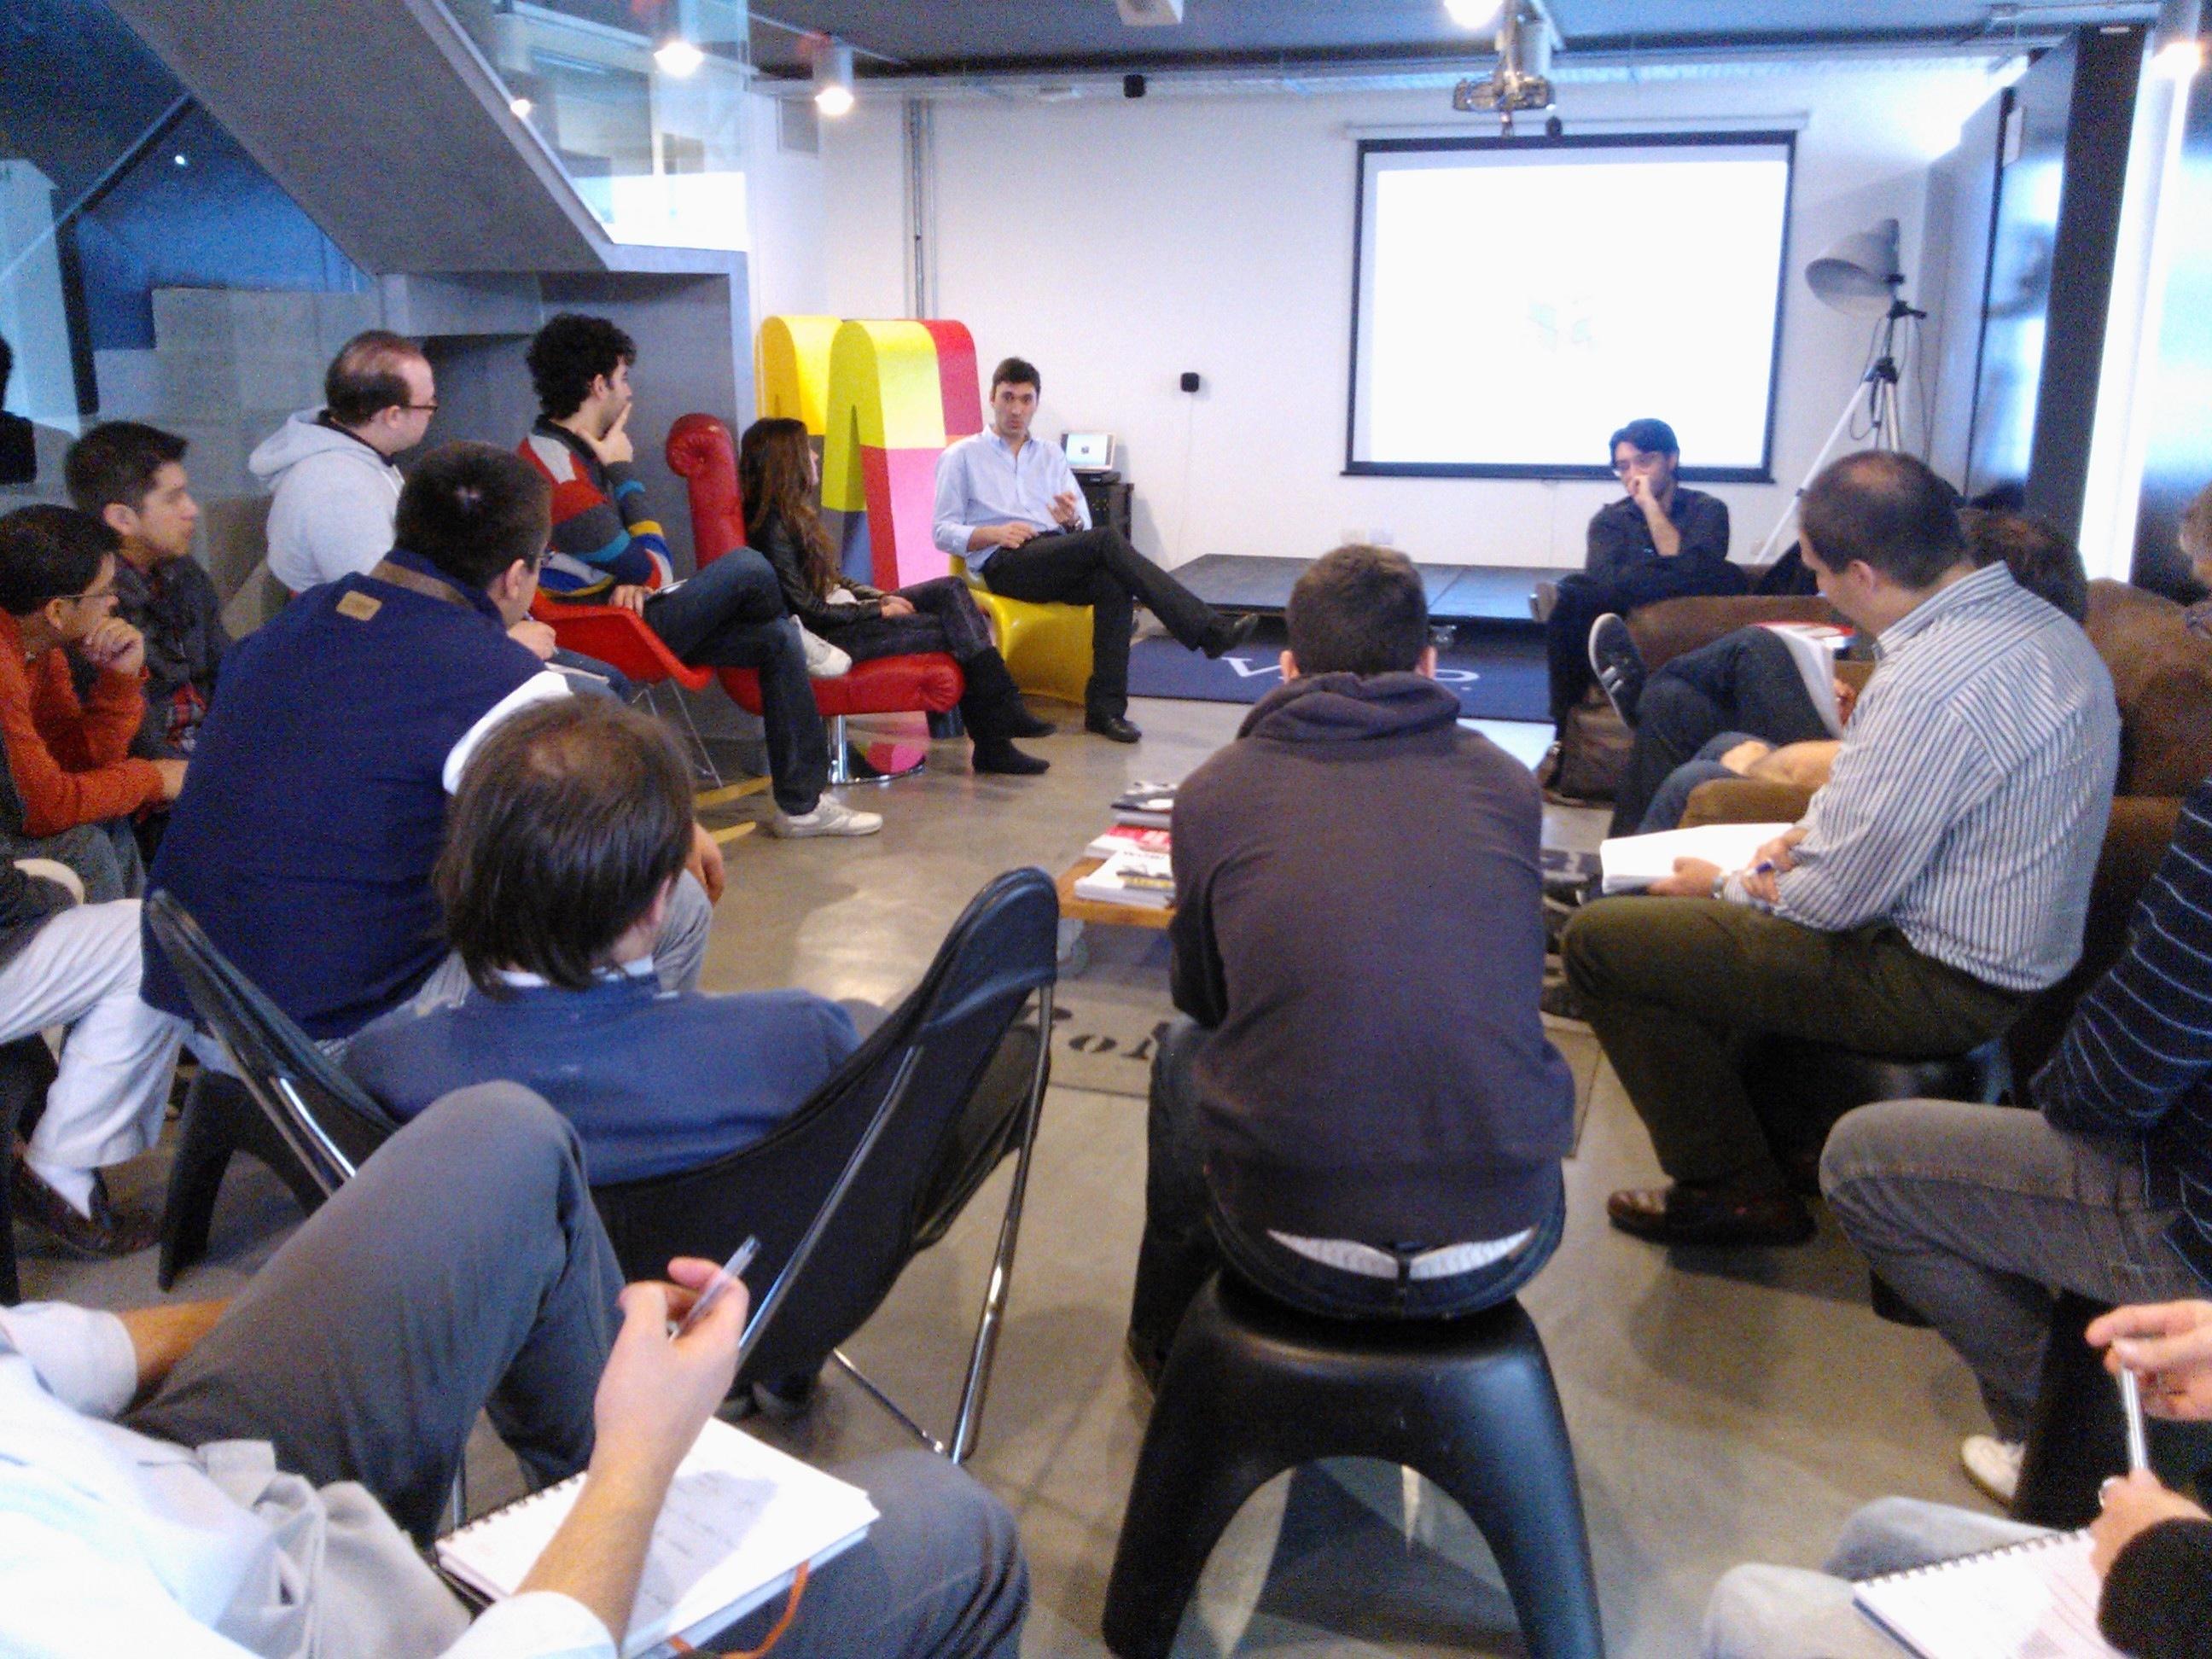 Grupo de personas en una reunión